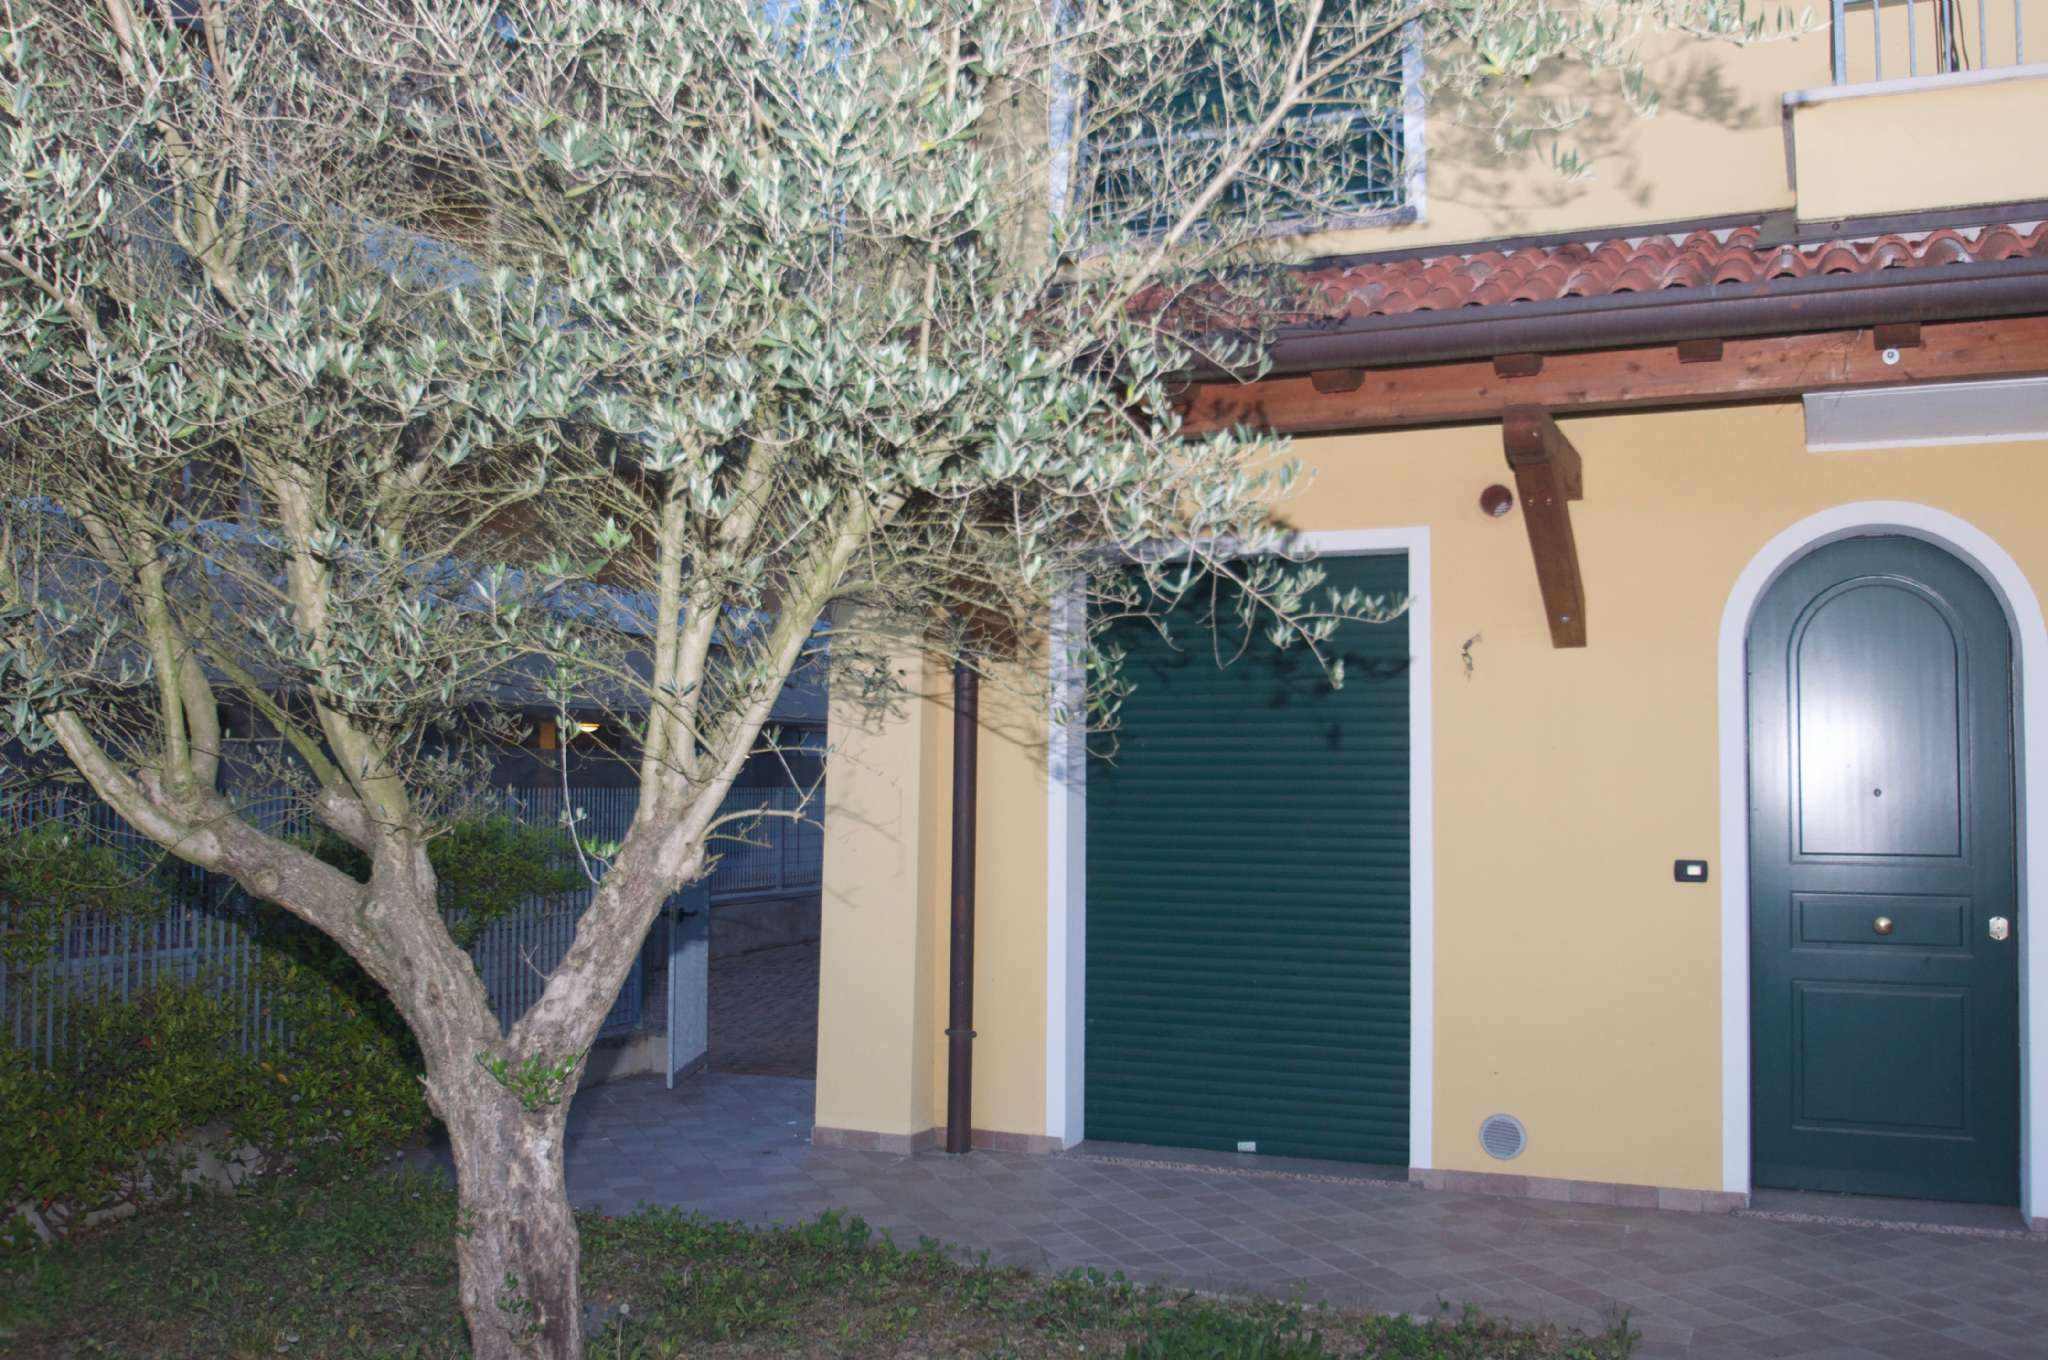 Villa Tri-Quadrifamiliare in vendita a Maserà di Padova, 6 locali, prezzo € 255.000 | CambioCasa.it